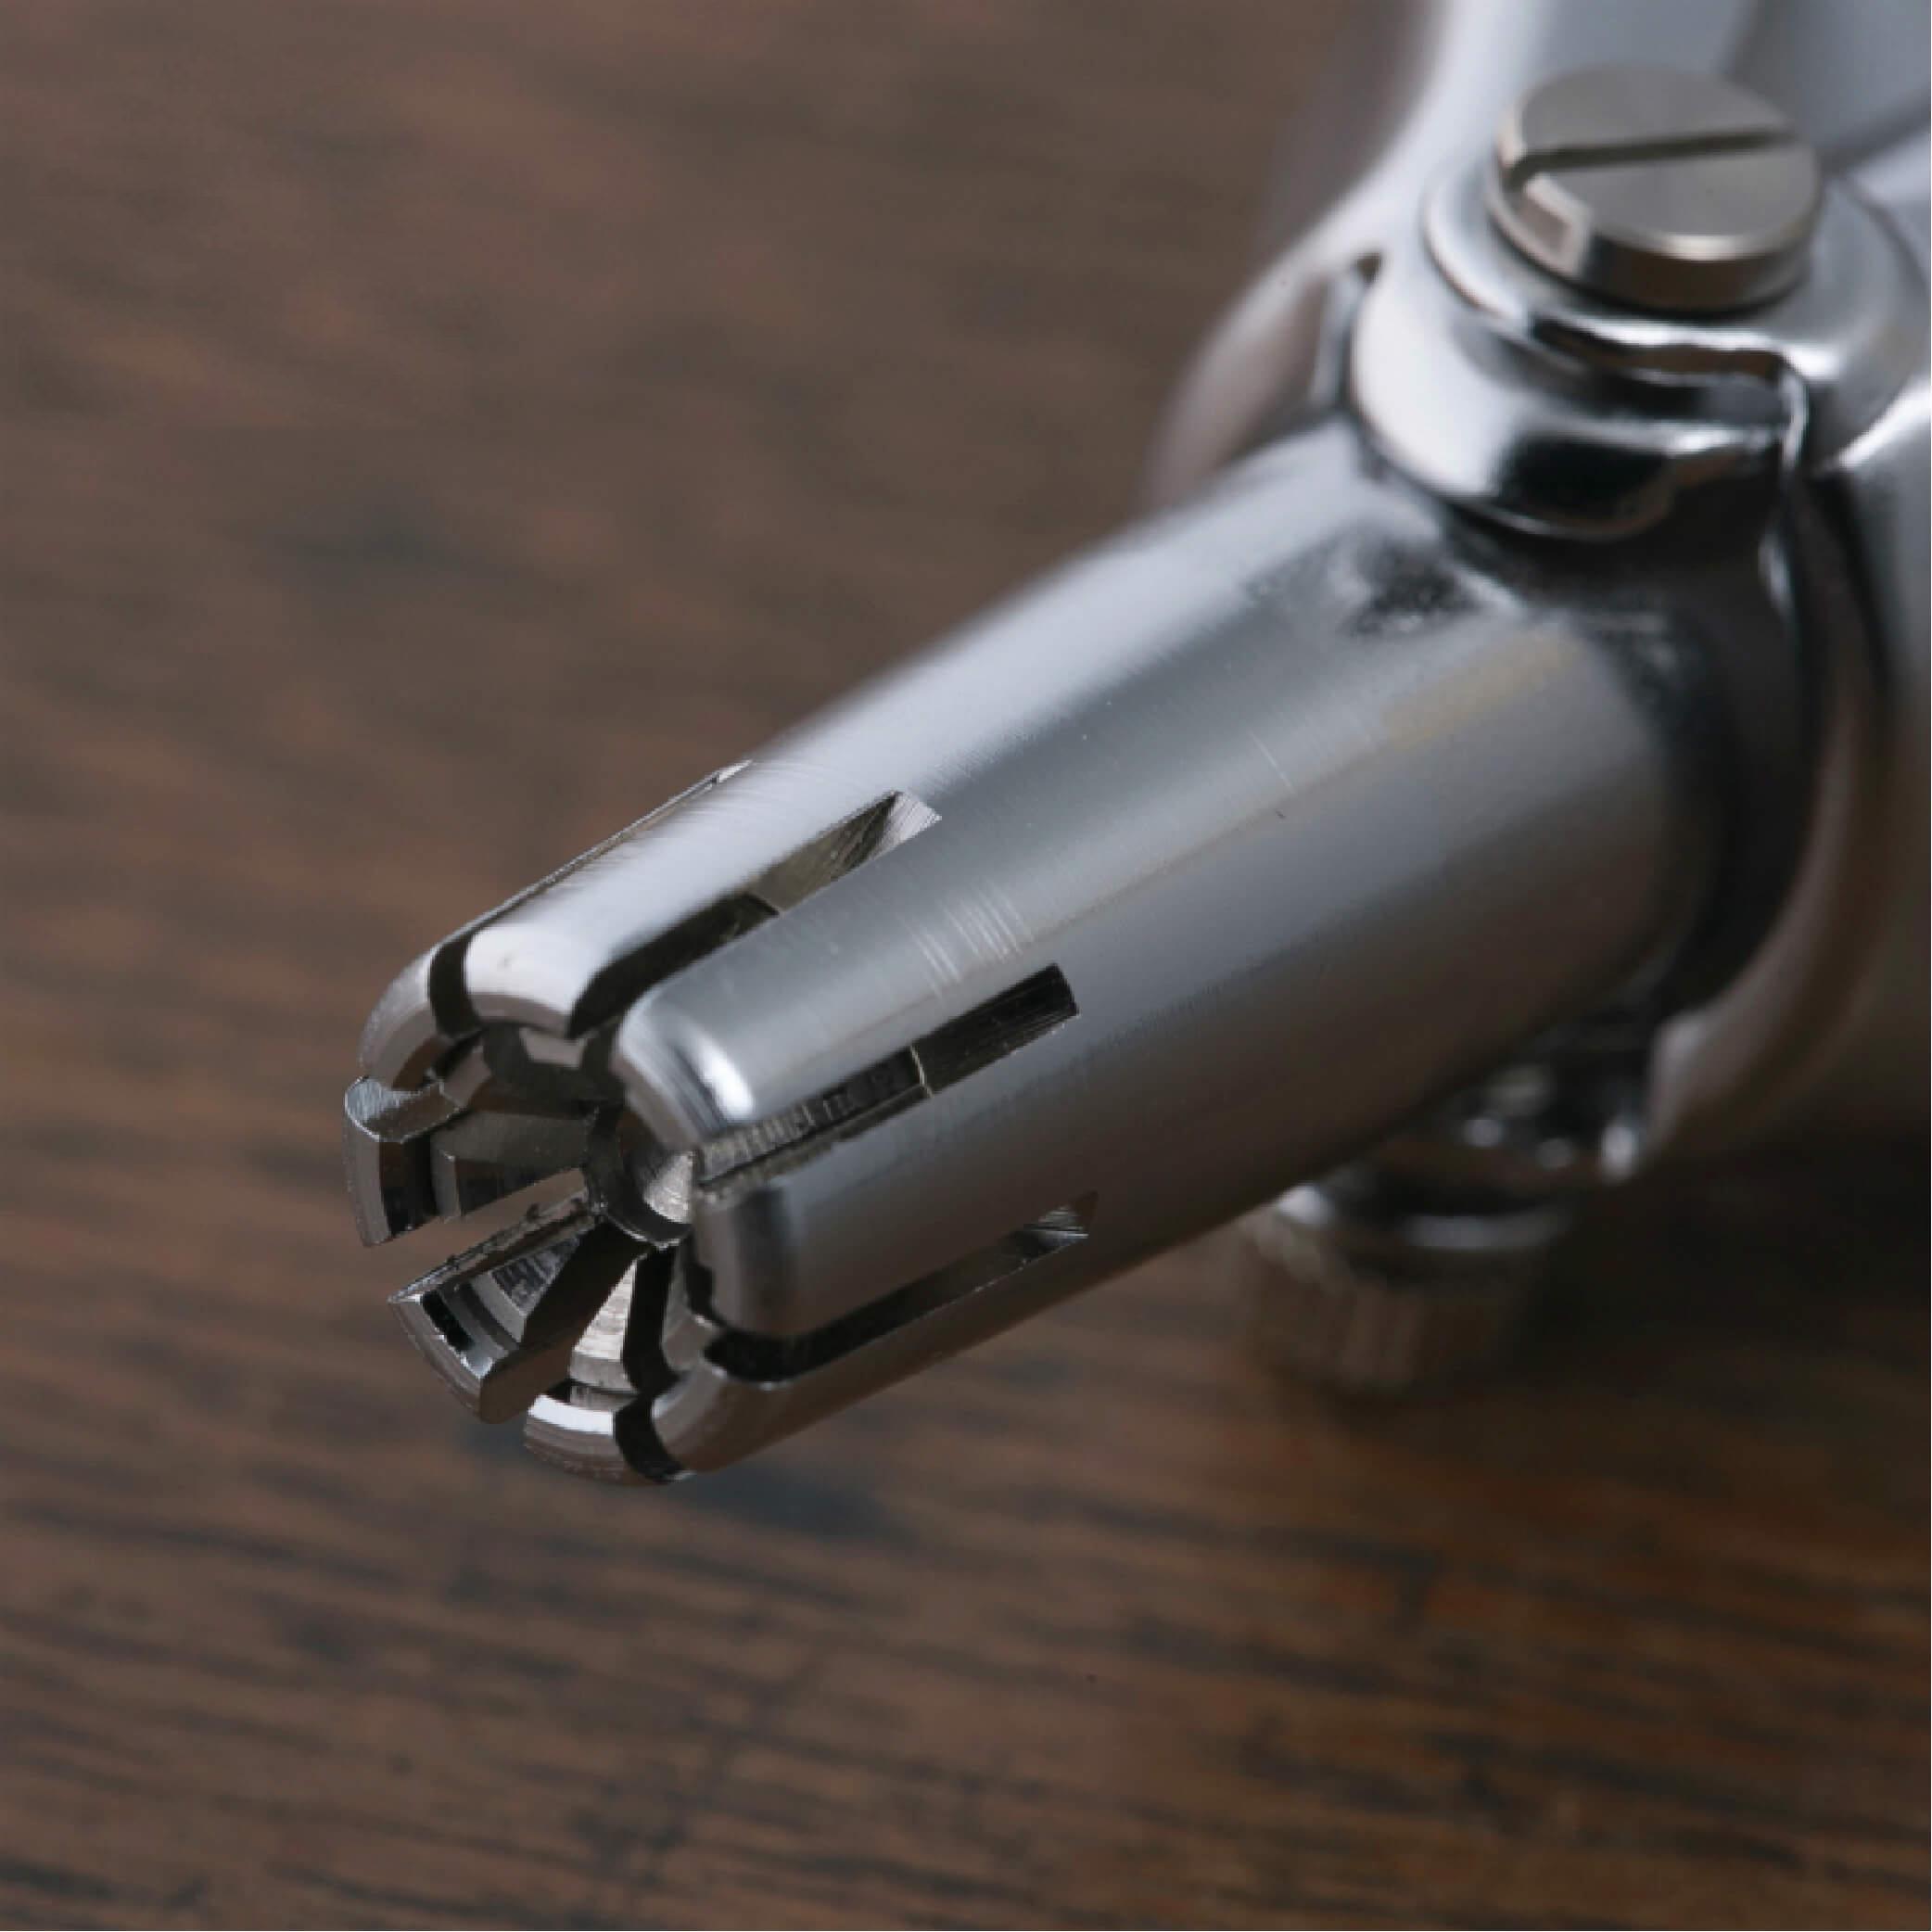 Dụng cụ cắt lông mũi cao cấp Nhật KAI Seki Magoroku (thép chống gỉ) kèm chổi vệ sinh HC1813